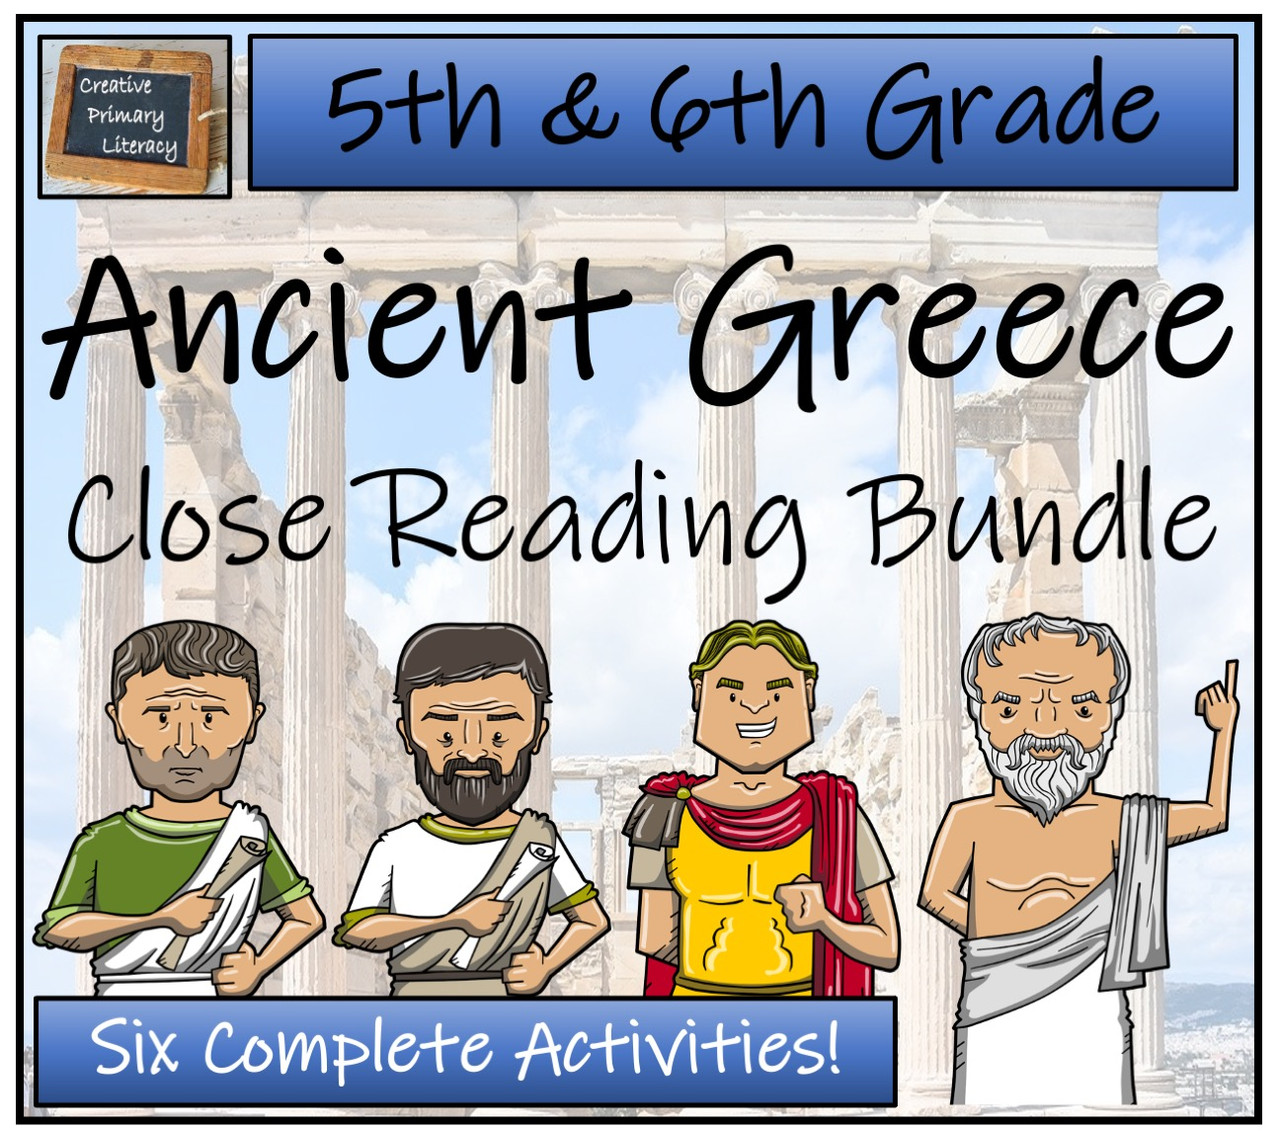 Ancient Greece Close Reading Activity Bundle 5th Grade & 6th Grade